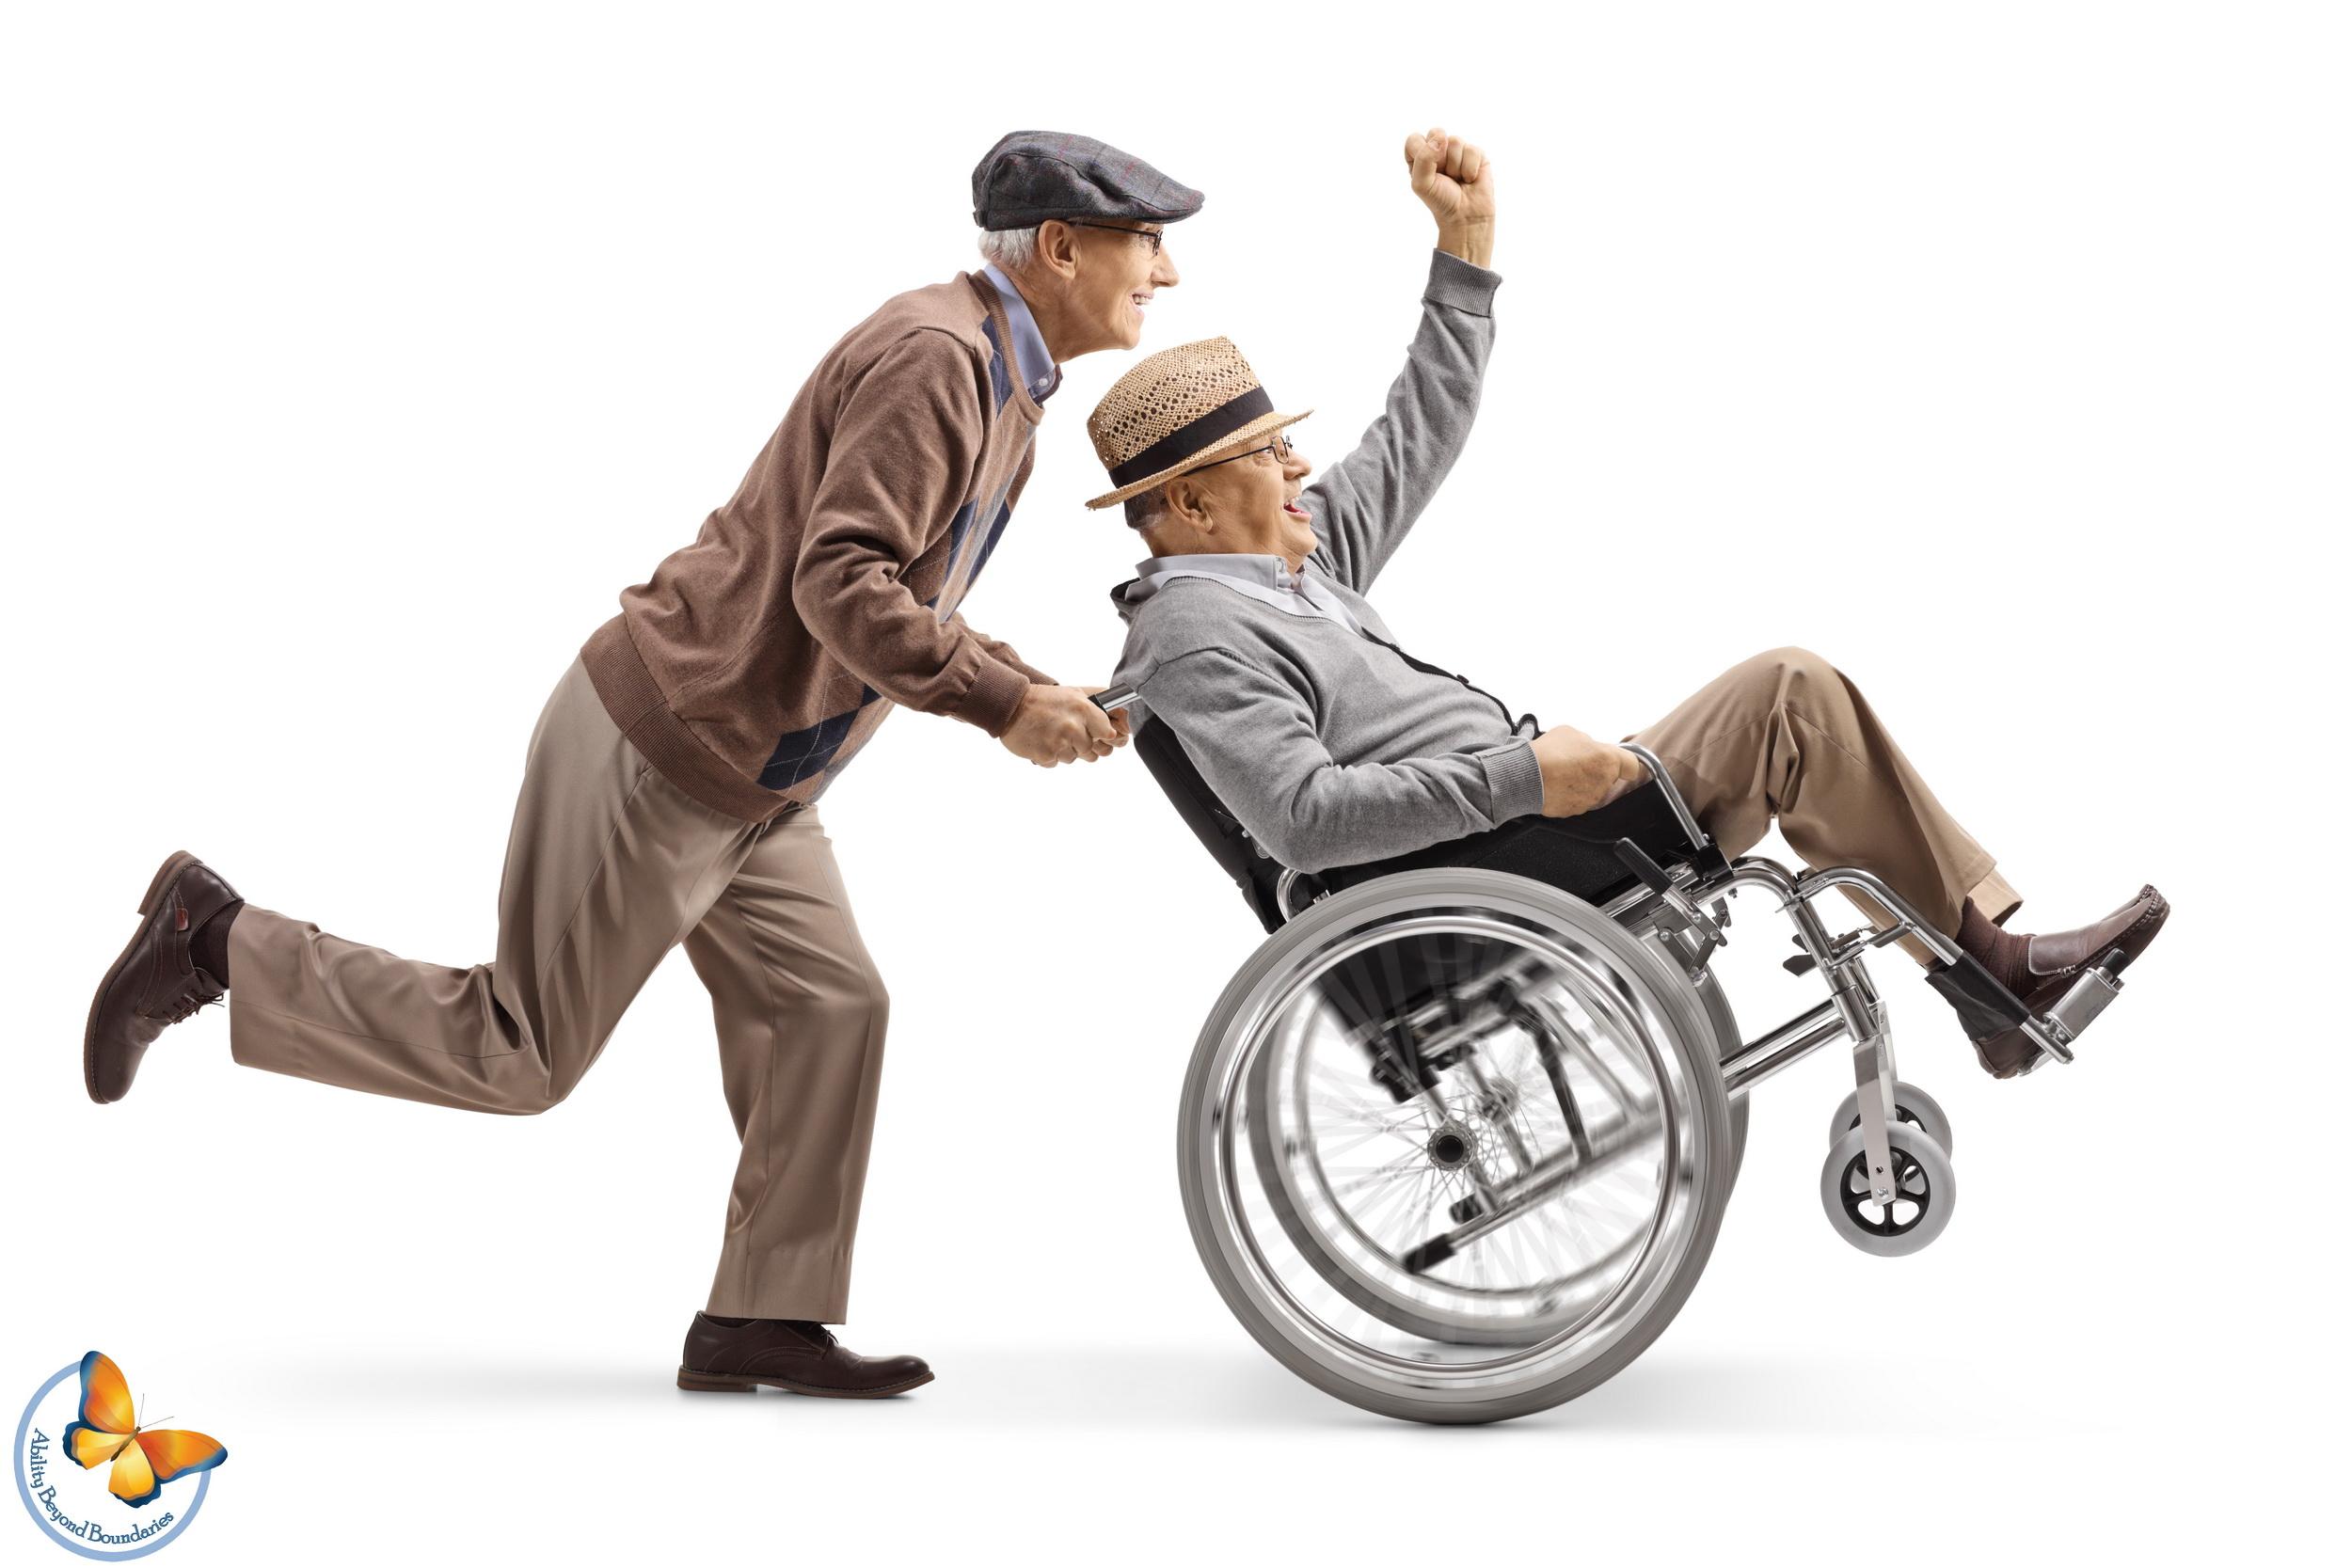 پیرمردی صندلی چرخدار مرد مسن دیگری را بصورت تک چرخ هل می دهد و هر دو خیلی خوشحال هستند